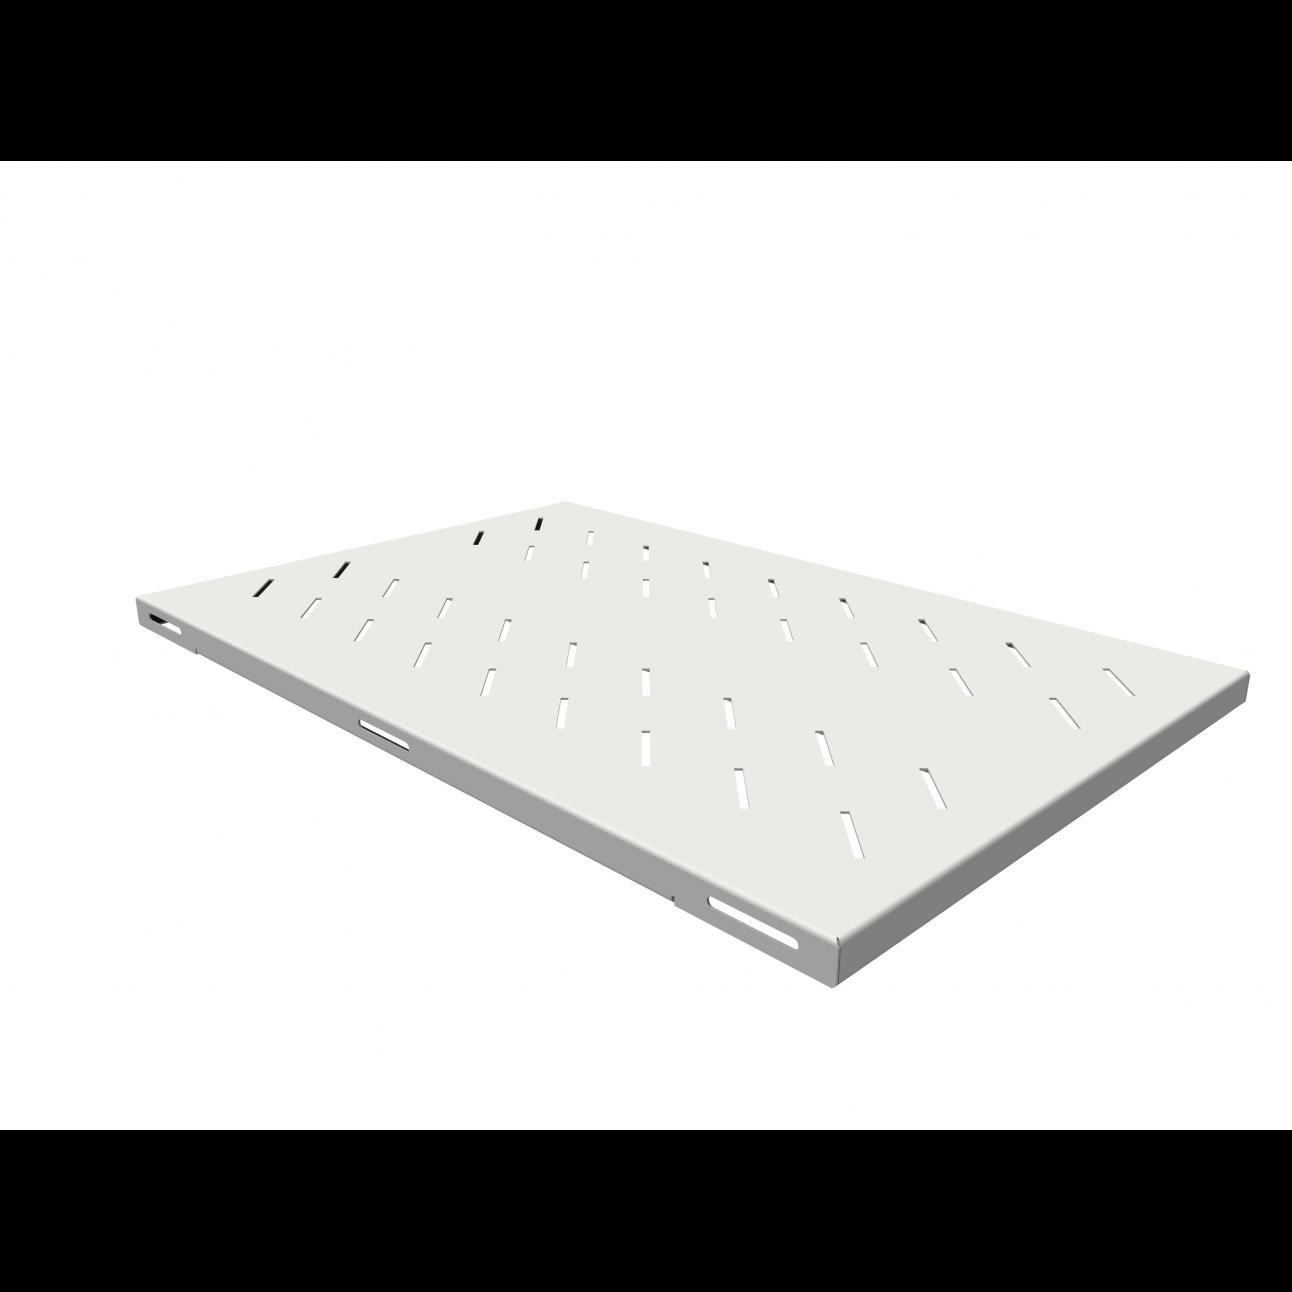 Полка стационарная усиленная для шкафов глубиной 1000мм, (глубина полки 710мм) распределенная нагрузка 120кг, цвет-серый (SNR-SHELF-10071-120G)